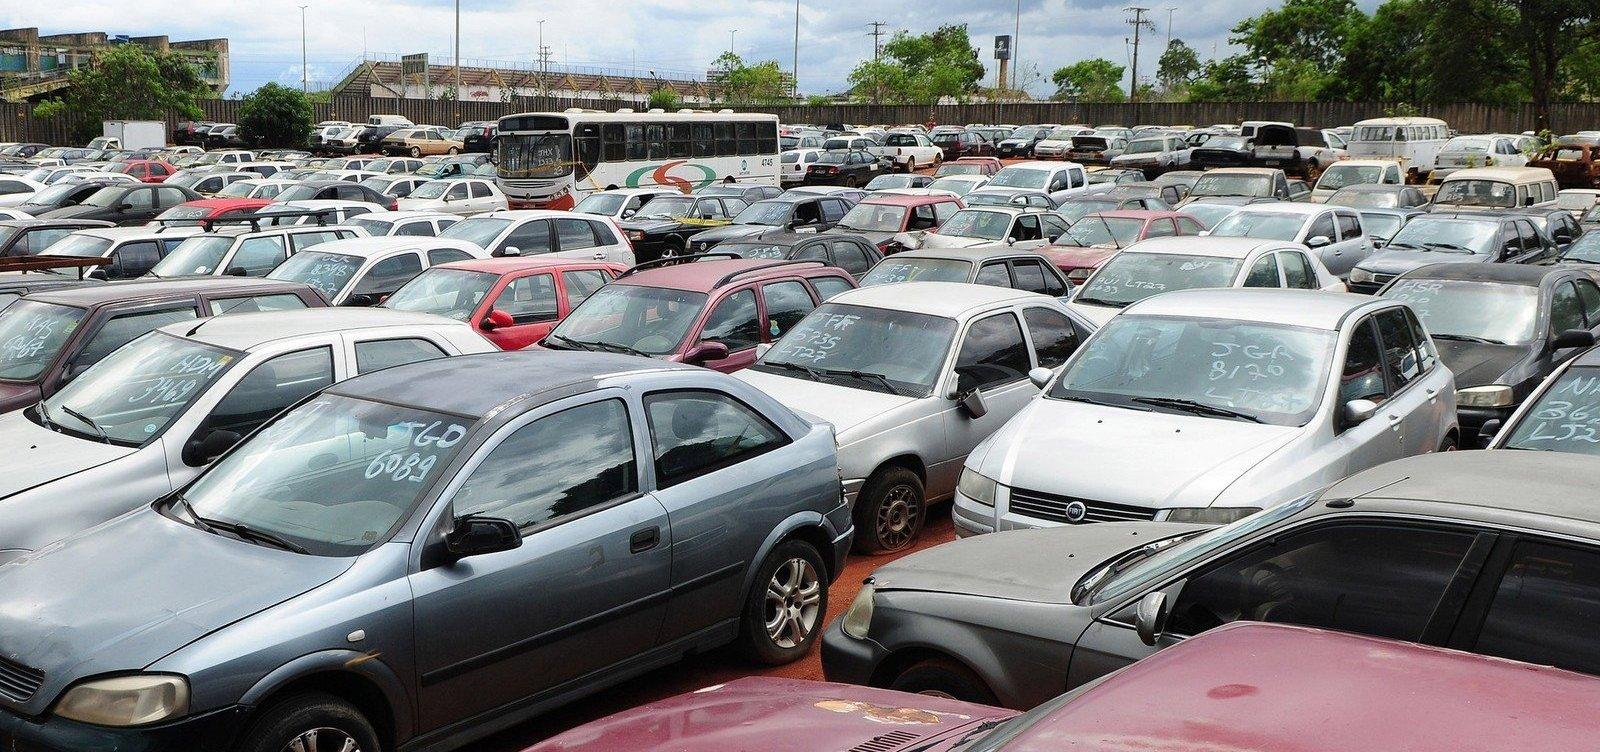 Transalvador realiza leilão de peças e carros com lance inicial de R$ 200 até R$ 5.380